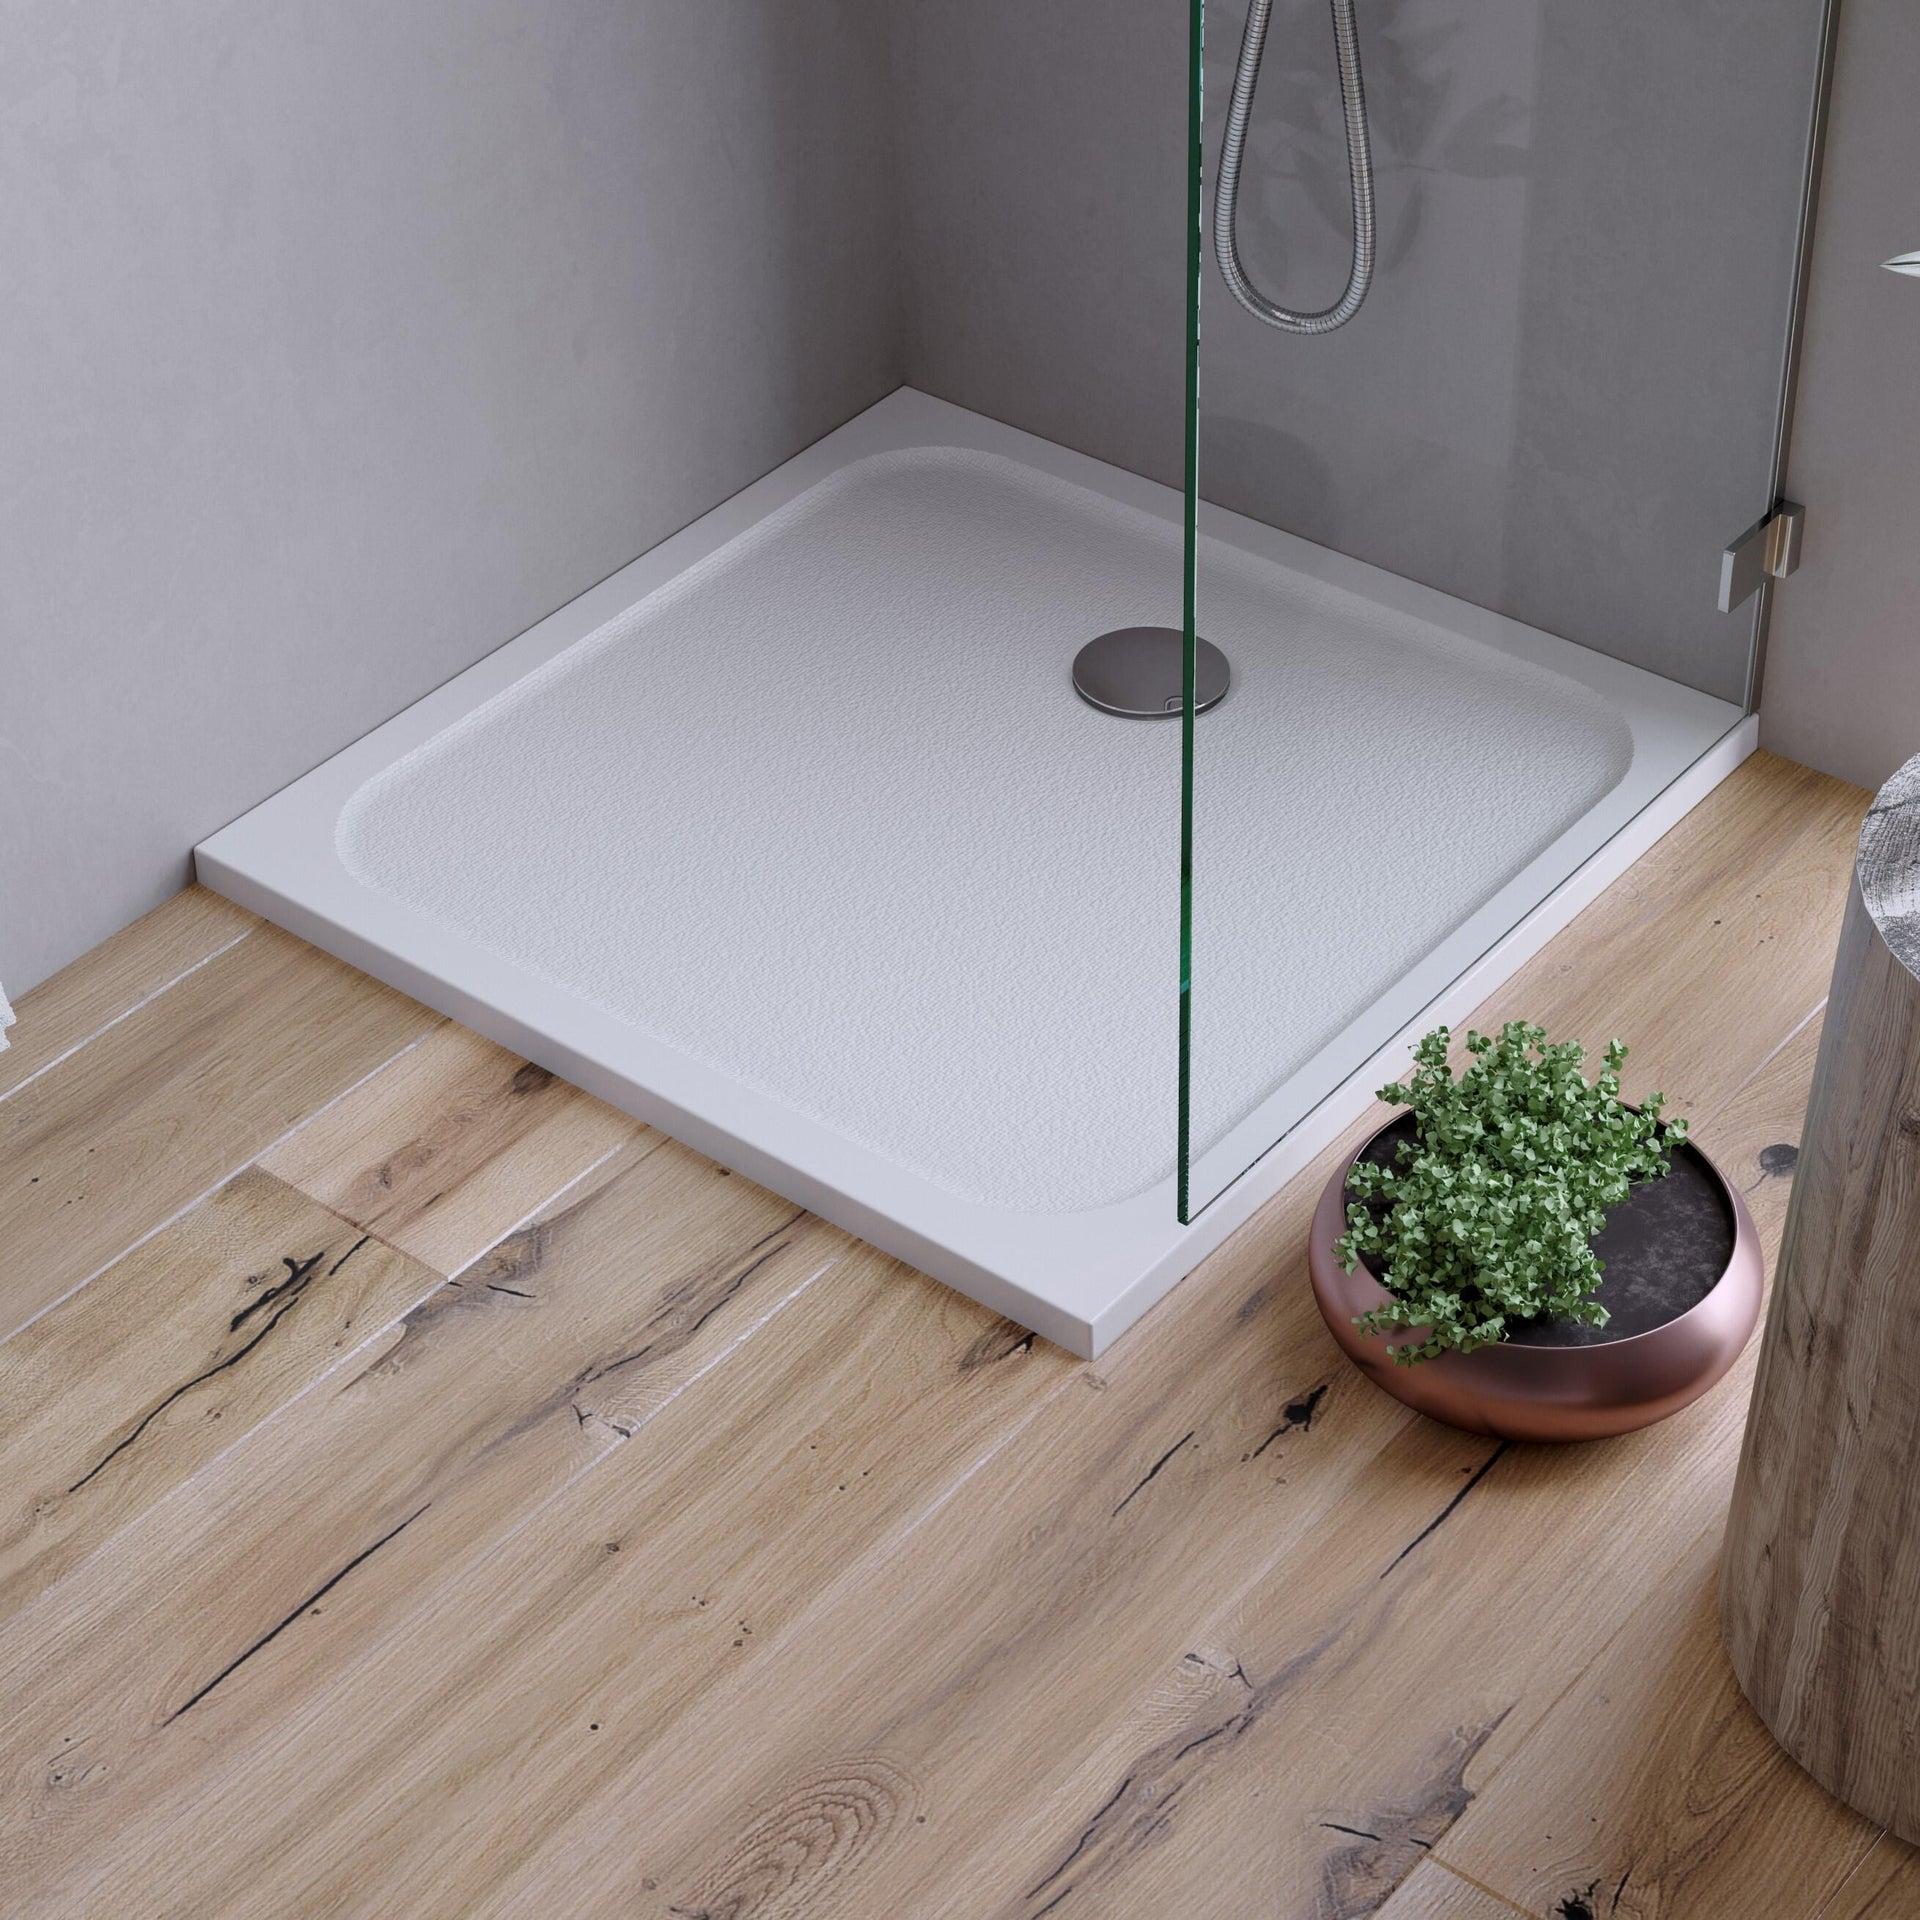 Piatto doccia resina sintetica e polvere di marmo Easy 80 x 80 cm bianco - 1